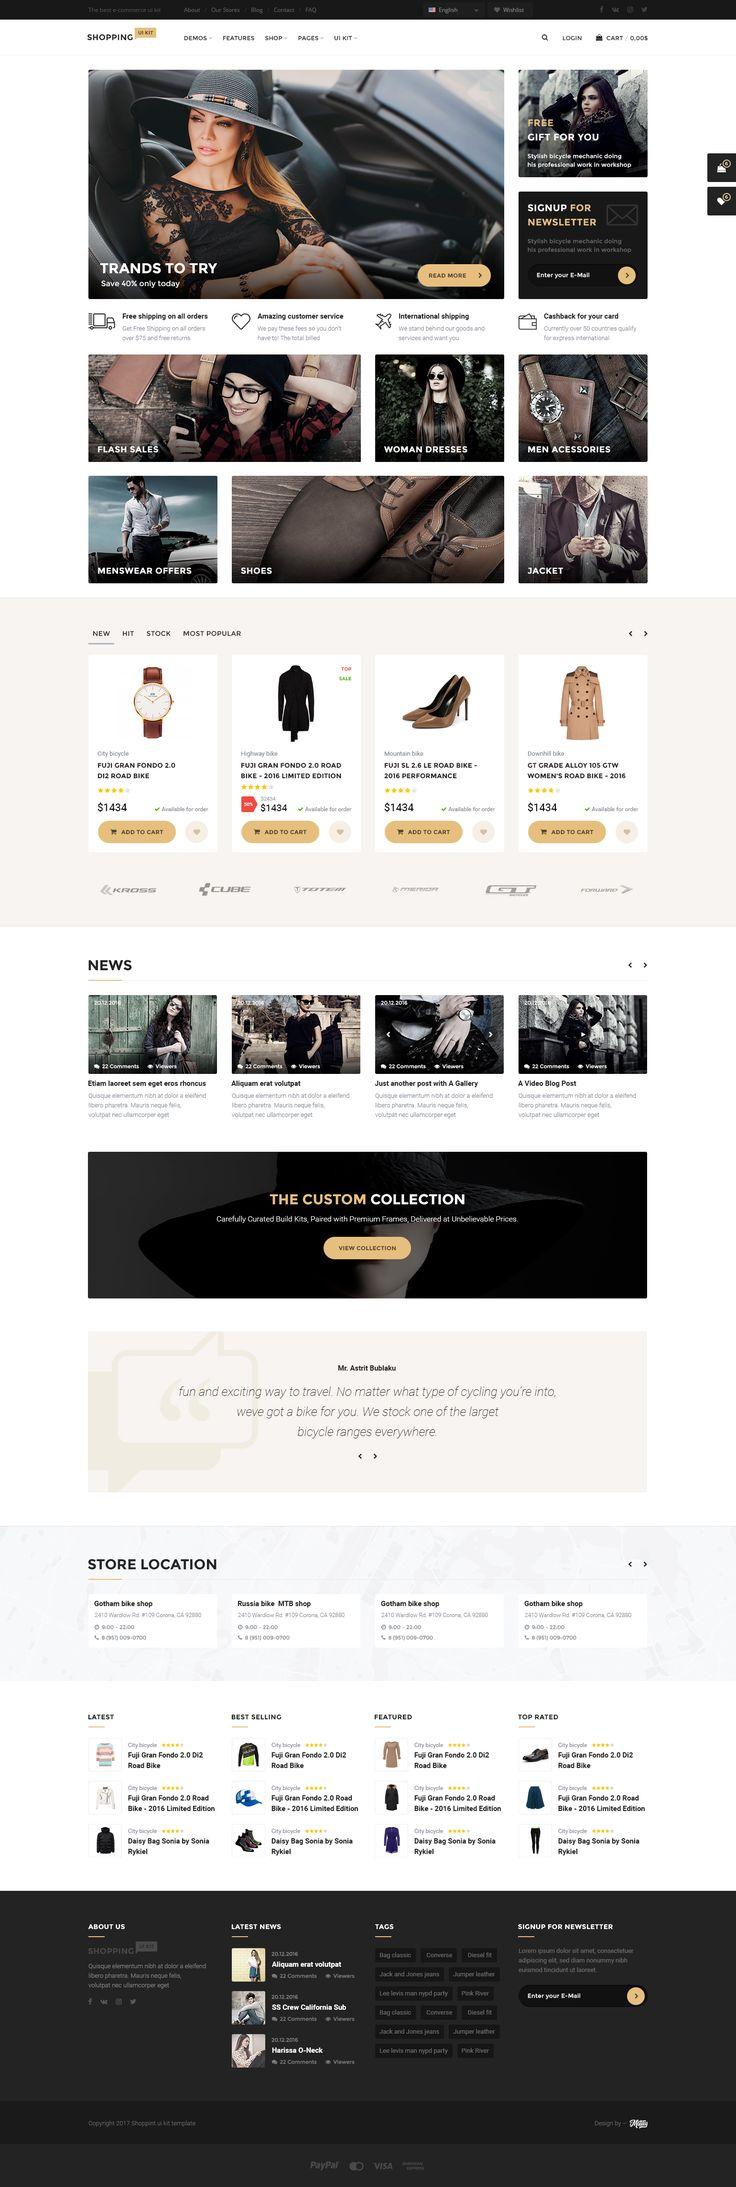 49 besten Web Bilder auf Pinterest | Design web, Design websites und ...